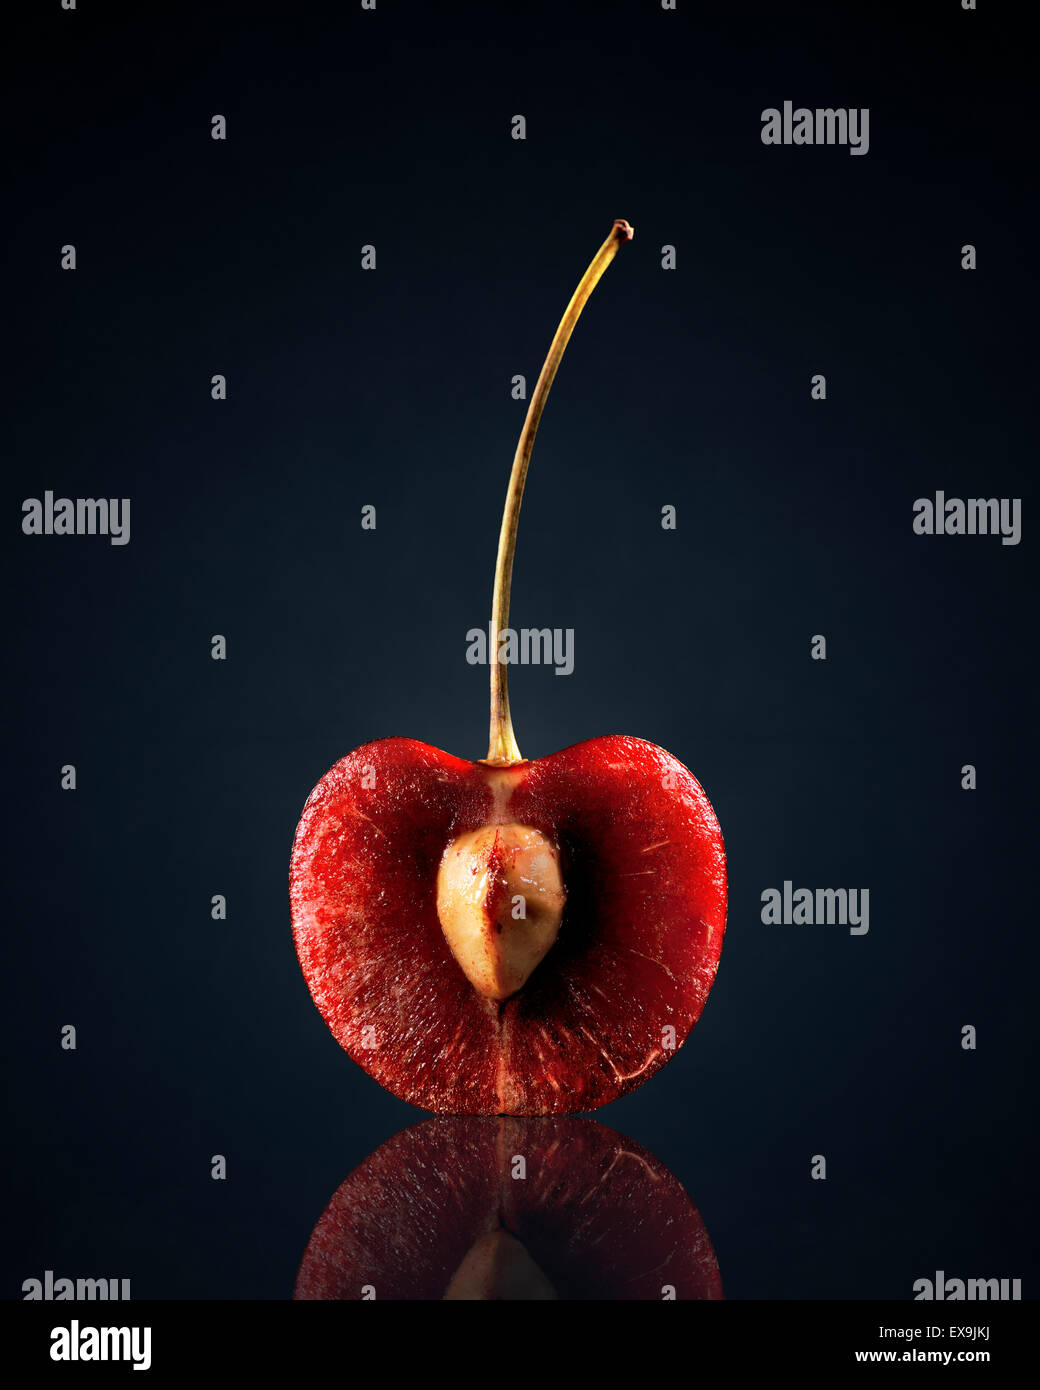 Red Cherry (halbiert) mit Reflektion auf dunklem Hintergrund Stockfoto